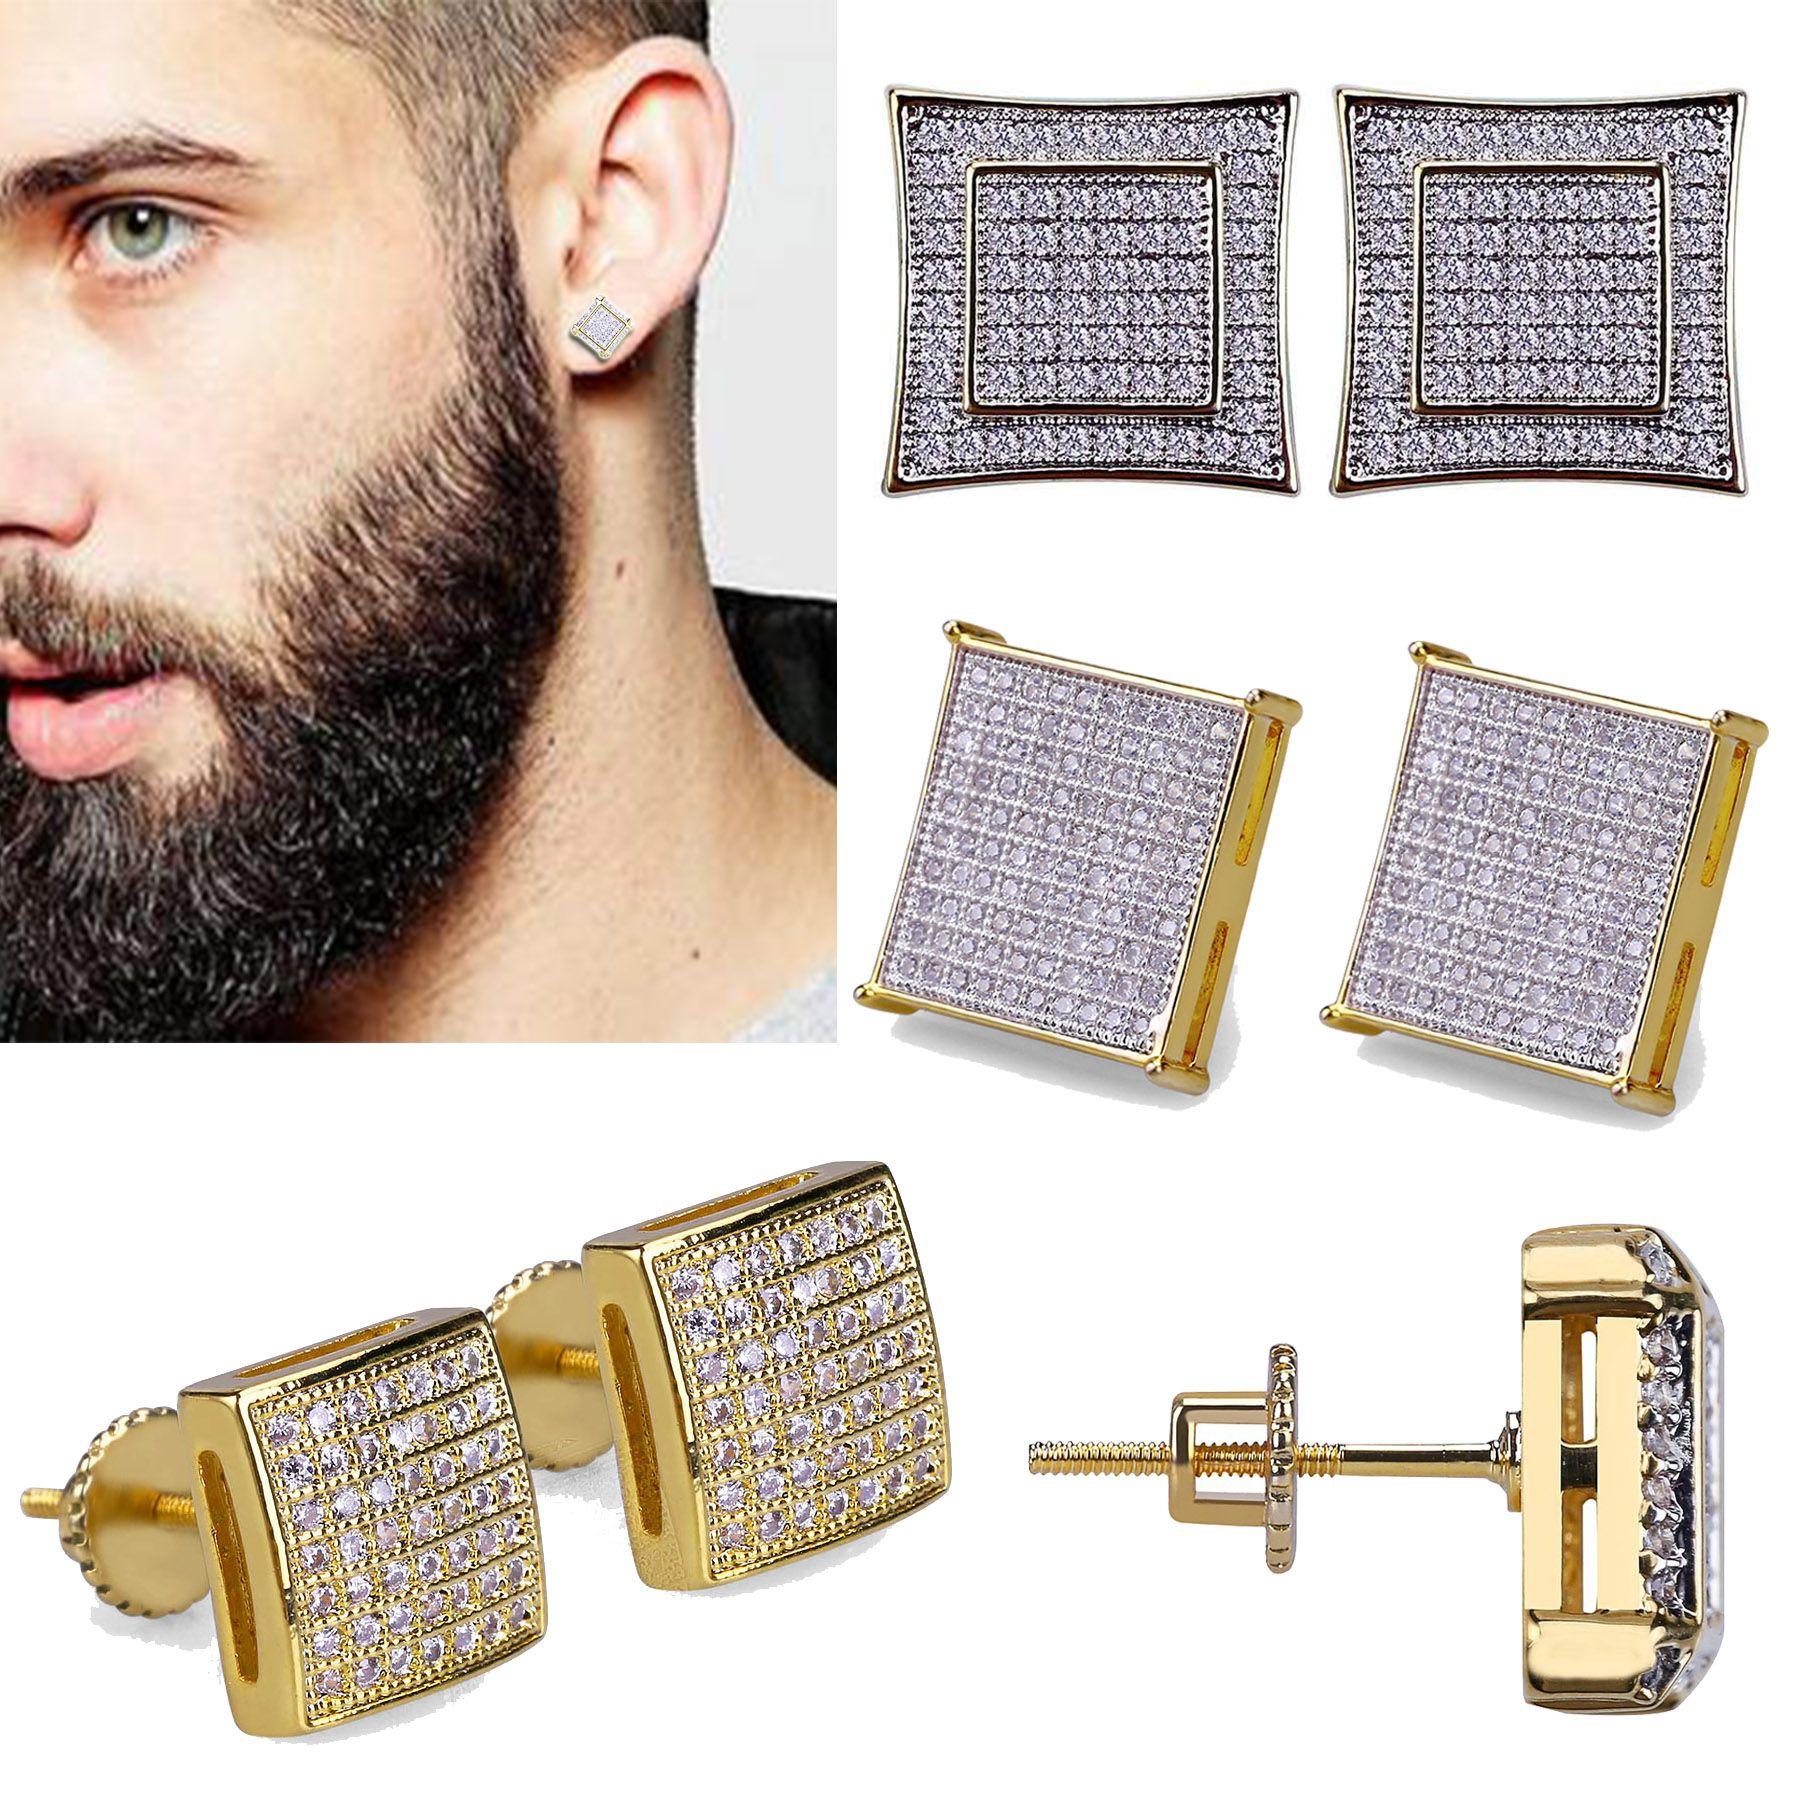 18K Real Gold Hiphop CZ циркон площади серег 0.7-1.6cm для мужчин и женщин девочек подарки Бриллиантовые серьги Коты Punk Rock Рэпер ювелирные изделия